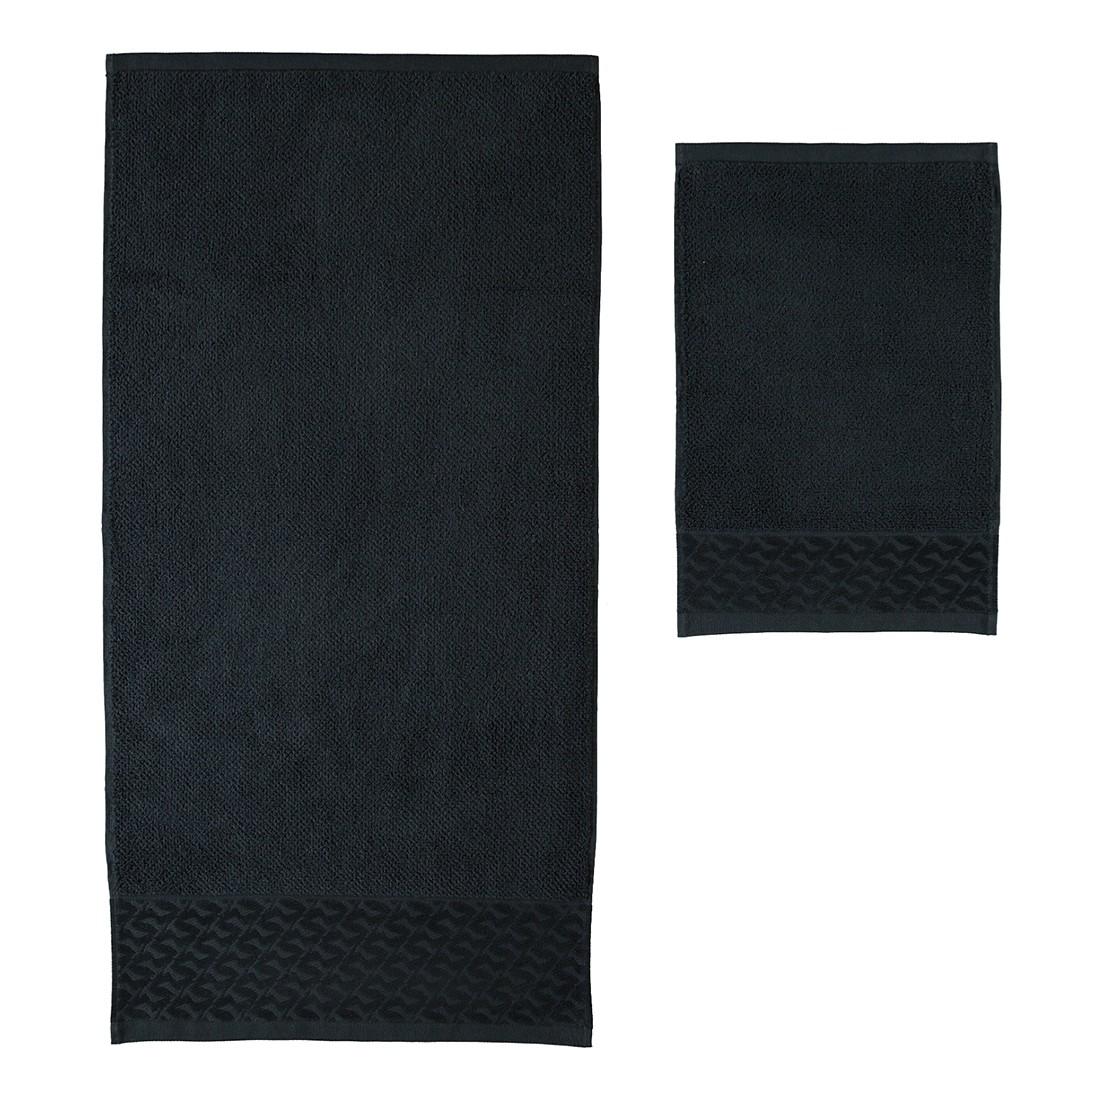 bettw sche l we black baumwolle schwarz 135x200 cm 80x80 cm yes for bed g nstig bestellen. Black Bedroom Furniture Sets. Home Design Ideas